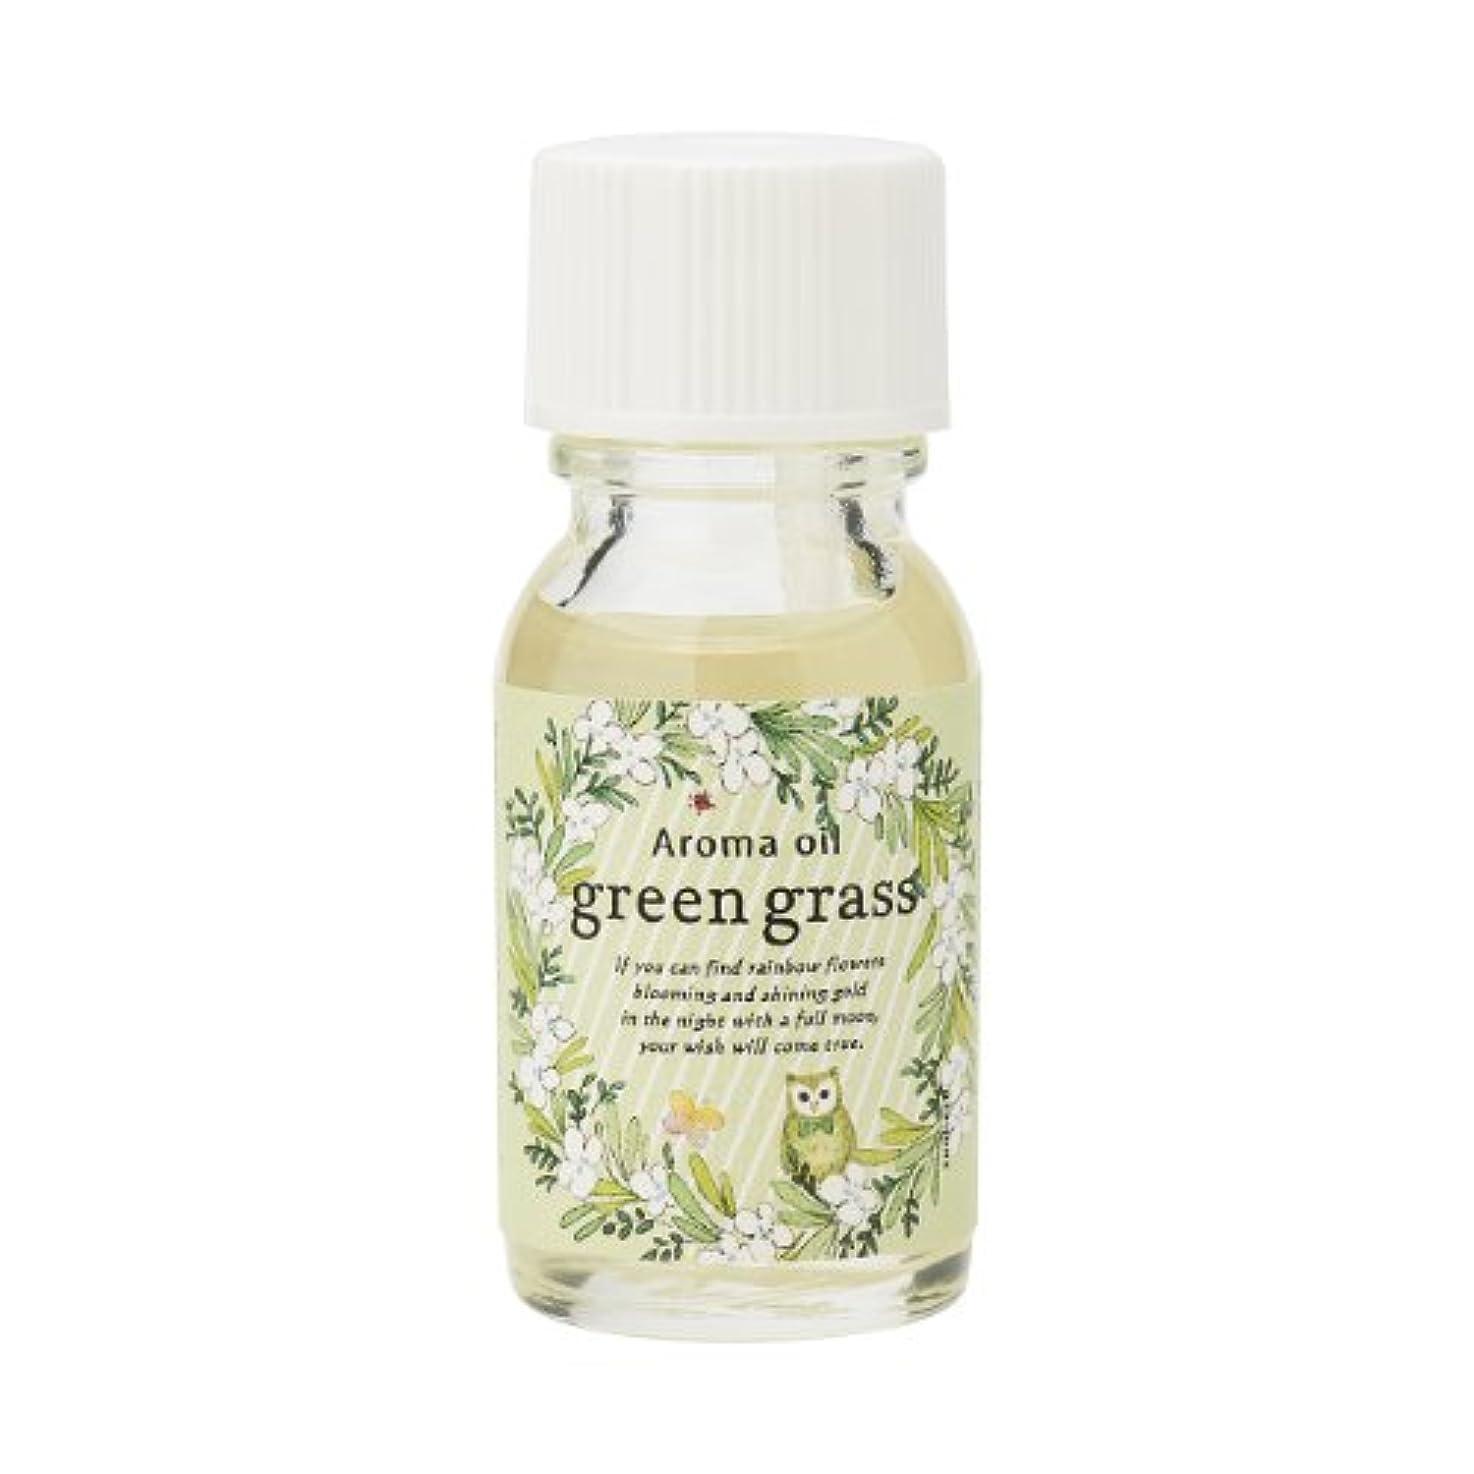 トロピカル器具ペフサンハーブ アロマオイル グリーングラス 13ml(爽やかでちょっと大人の香り)